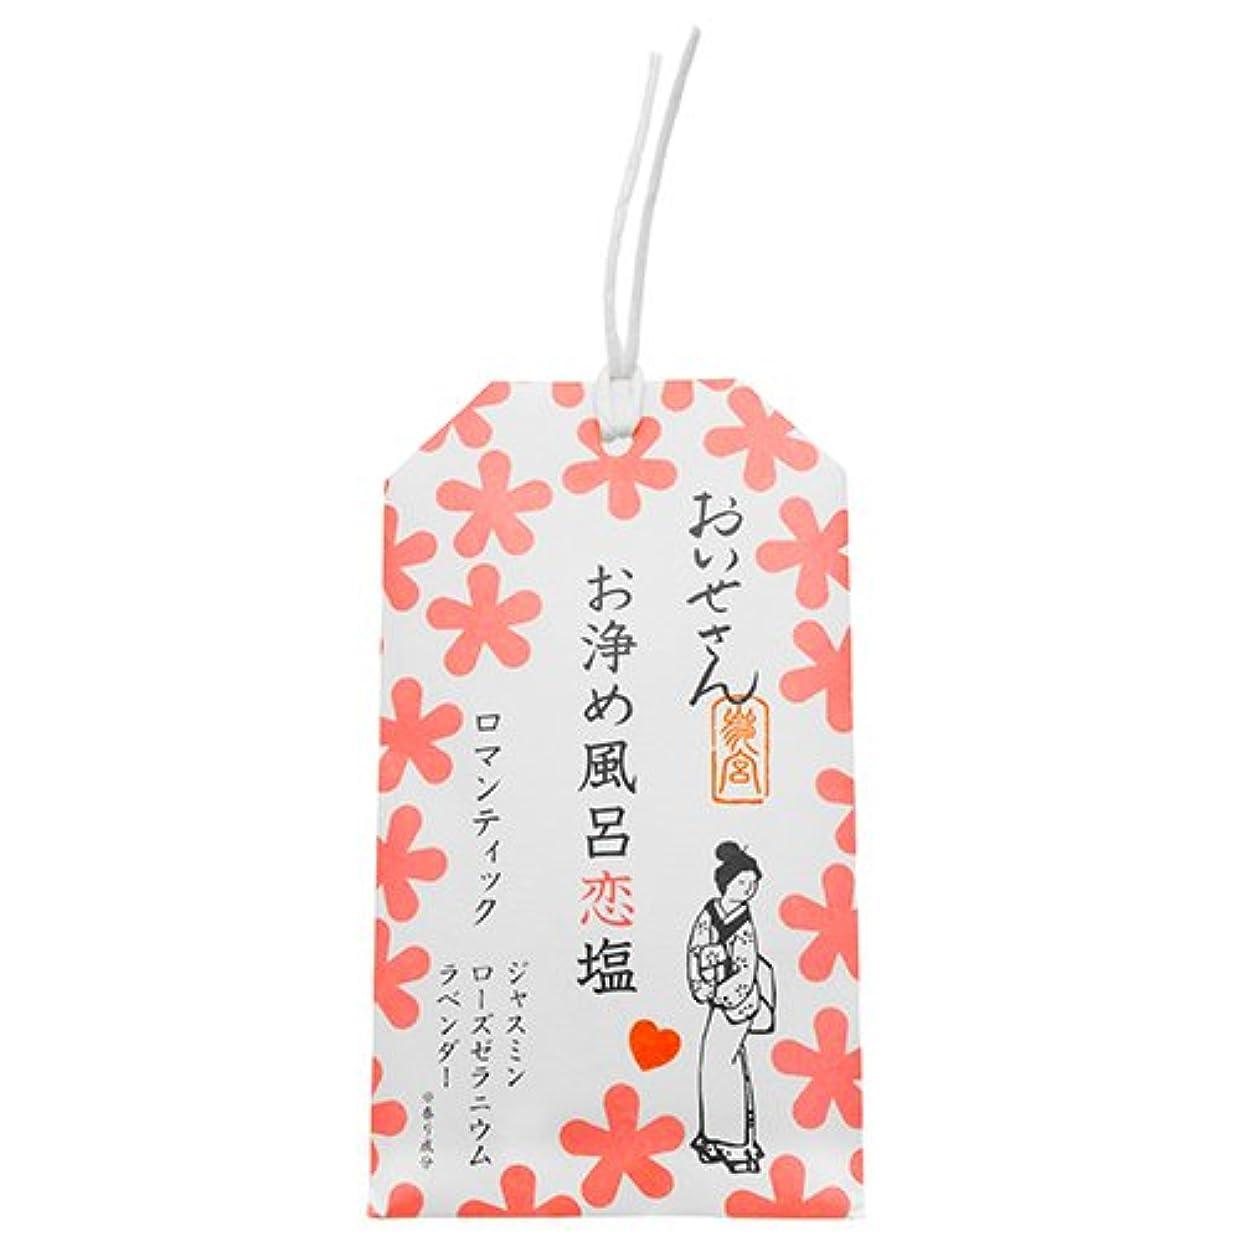 アイドル退屈驚いたことにおいせさん お浄め風呂恋塩(ロマンティック)